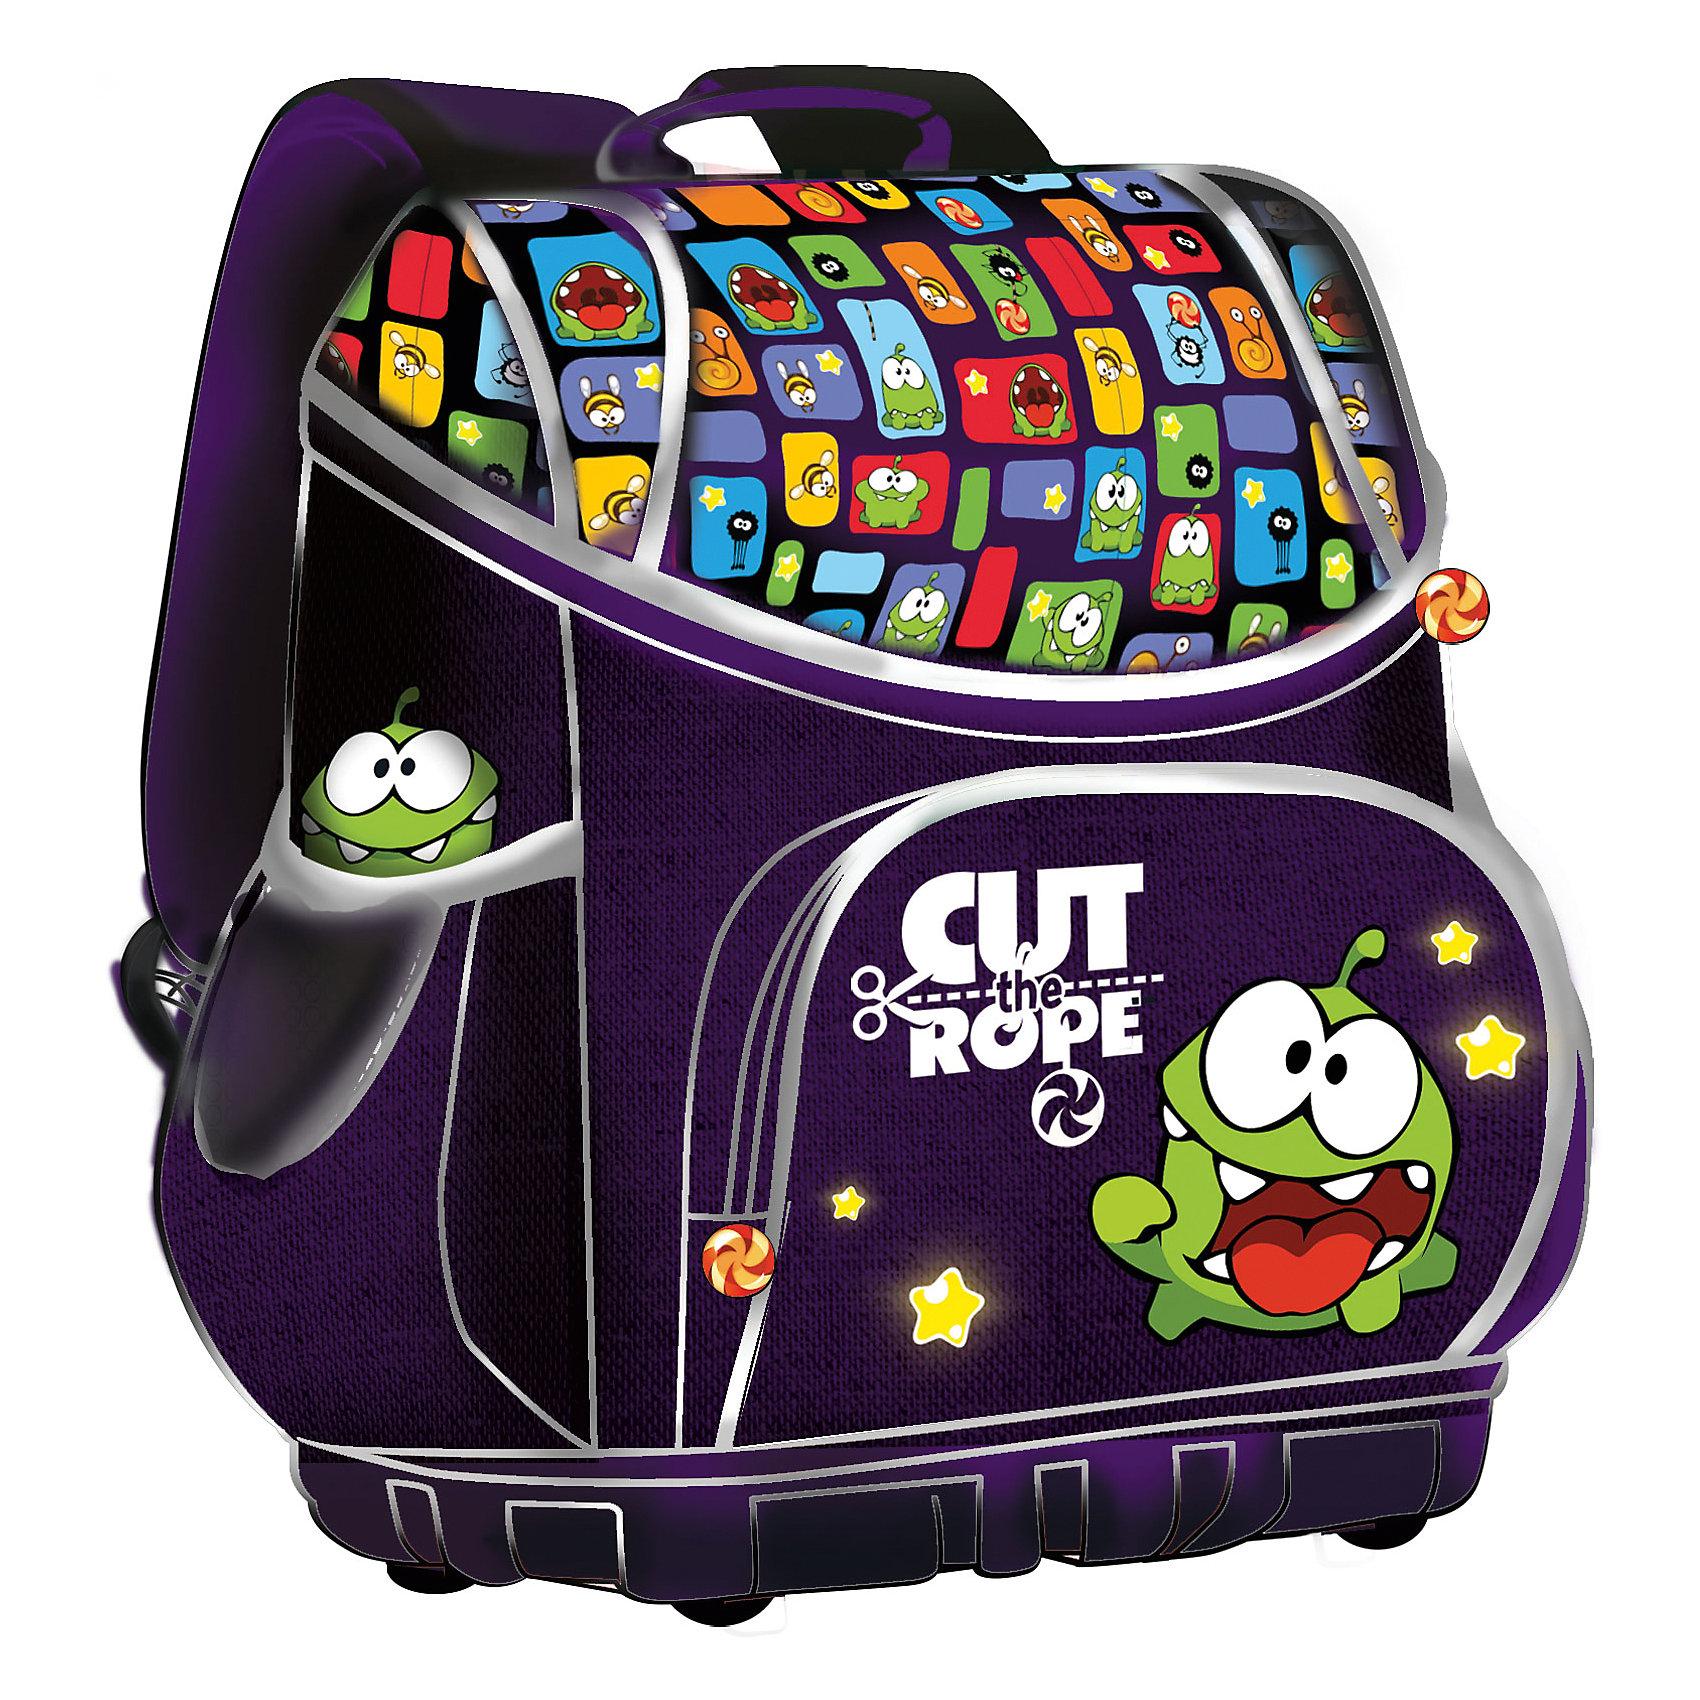 Школьный ранец Smart bag с жестким каркасом, Cut the RopeРанец Smart bag, EVA с жестким каркасом, Cut the Rope – это удобный, надежный, долговечный, а главное - безопасный ранец.<br>Оригинальная модель ранца Smart bag разработана специально для учеников младших классов. Удобный легкий ранец с продуманной системой внутреннего пространства. Жесткий каркас из EVA материала не позволит ранцу сгибаться и защитит его содержимое. Высокое жесткое водонепроницаемое дно защитит ранец от загрязнений и не позволит ему перевернуться. Эргономичная спинка помогает равномерно распределить вес ранца. Широкие уплотненные регулируемые лямки позволяют адаптировать ранец к изменению роста ребенка. Три отделения и передний карман на молнии для удобной системы хранения. Два боковых кармана для бутылочки и зонтика. Бегунки застежек-молний украшены брелоками с изображением Сердитых птичек, имеются брендовые нашивки. Светоотражающие полосы позволяют хорошо видеть ребенка на проезжей части в темное время суток и в сумерках.<br><br>Дополнительная информация:<br><br>- Размер: 38 х 31 х 20 см.<br>- Вес: 780 гр.<br>- Цвет: синий<br><br>Ранец Smart bag, EVA с жестким каркасом, Cut the Rope можно купить в нашем интернет-магазине.<br><br>Ширина мм: 380<br>Глубина мм: 310<br>Высота мм: 20<br>Вес г: 1050<br>Возраст от месяцев: 48<br>Возраст до месяцев: 96<br>Пол: Унисекс<br>Возраст: Детский<br>SKU: 3986183